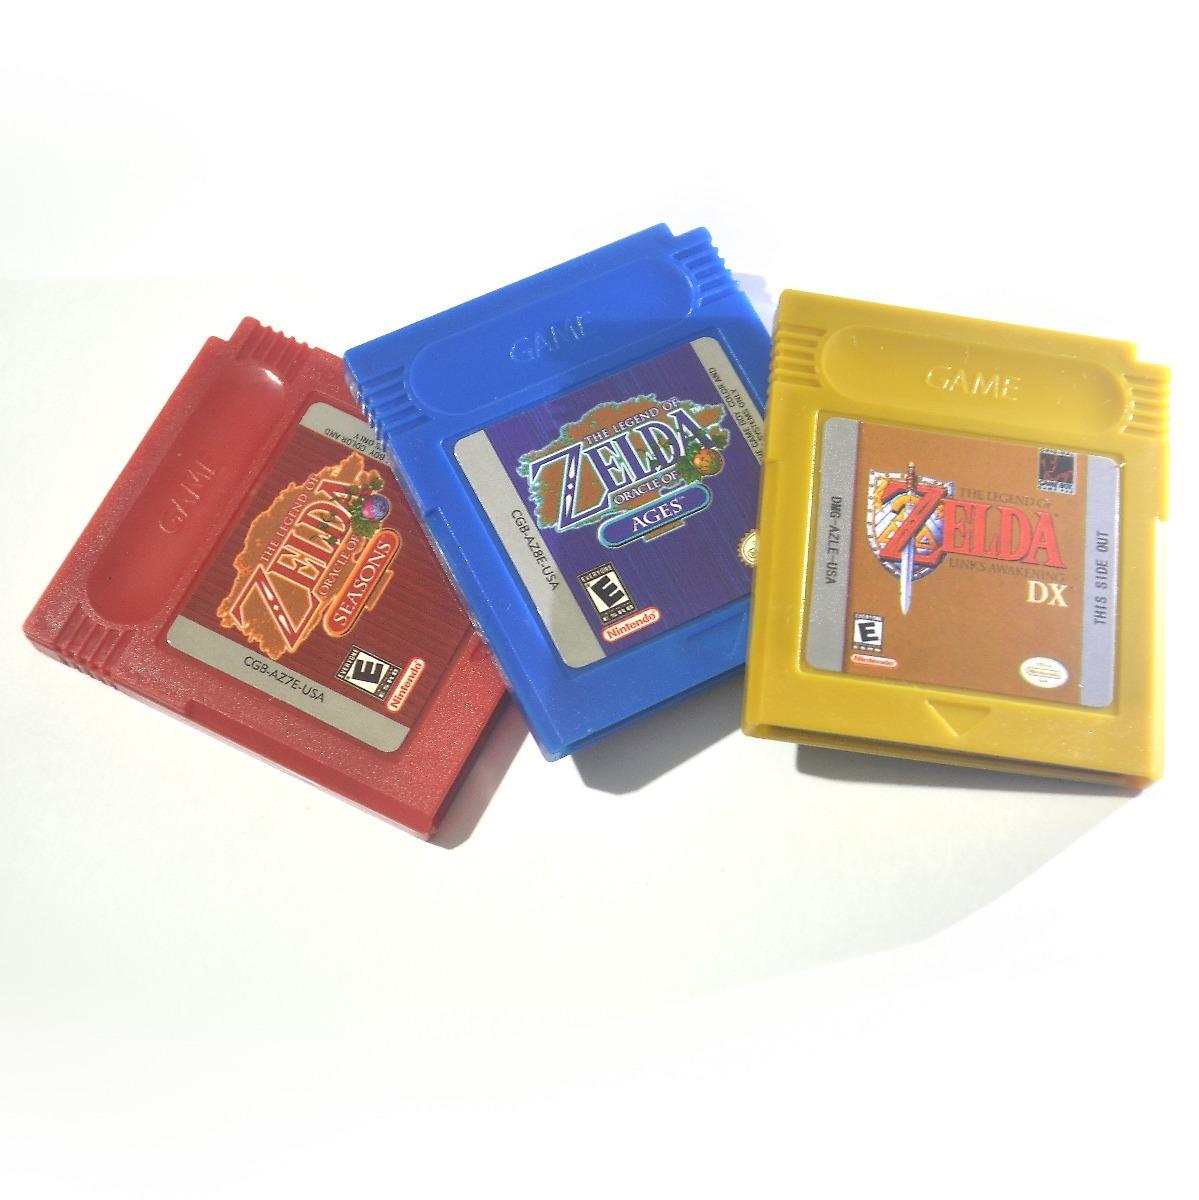 Combo 3 Juegos De Zelda Para Gbc Y Gba Ingles